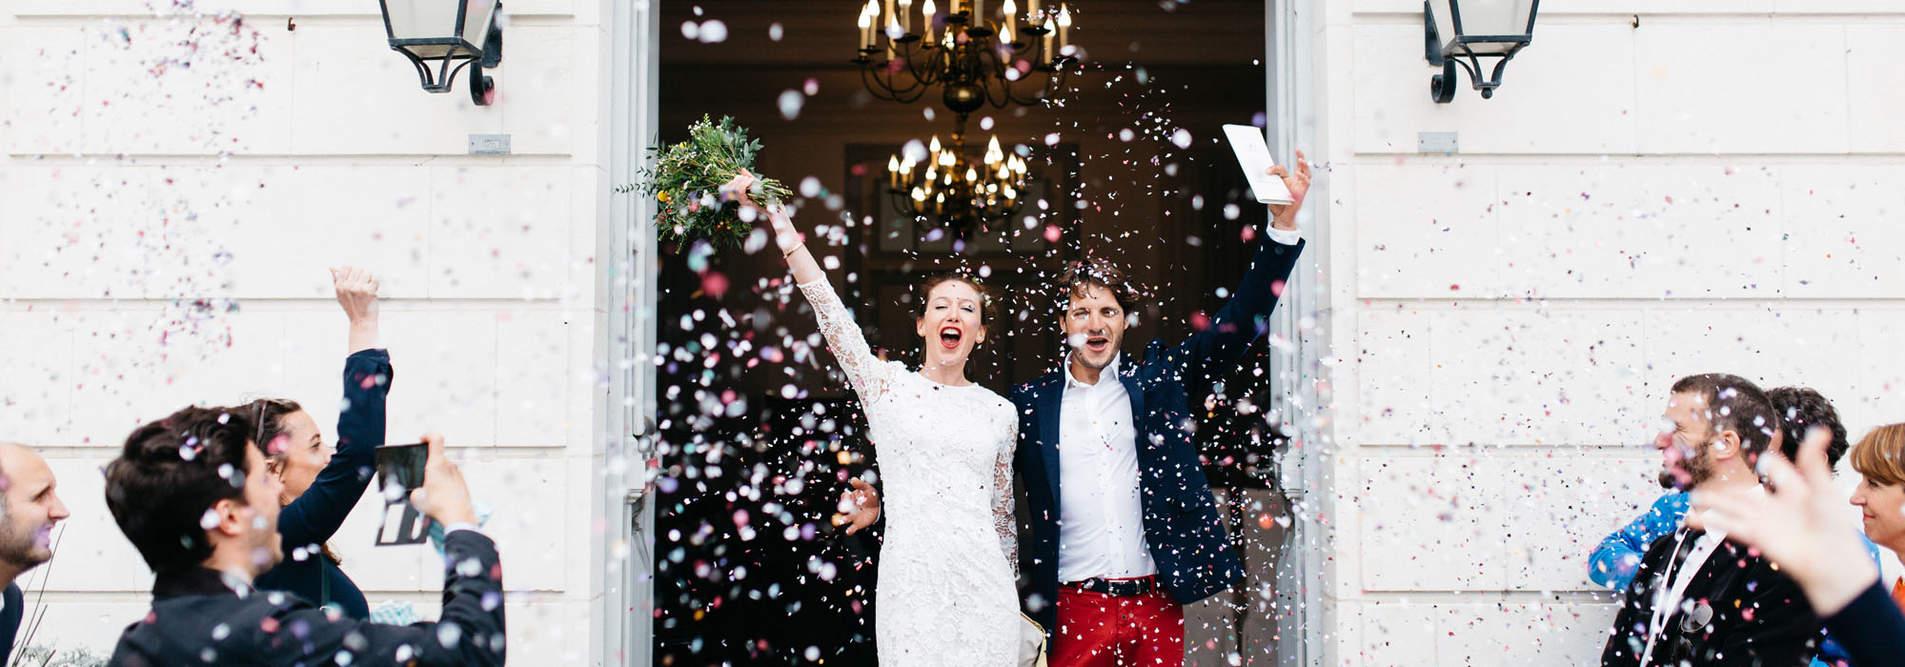 liste de mariage zankyou la liste leader en europe zankyou - Liste Mariage Zankyou